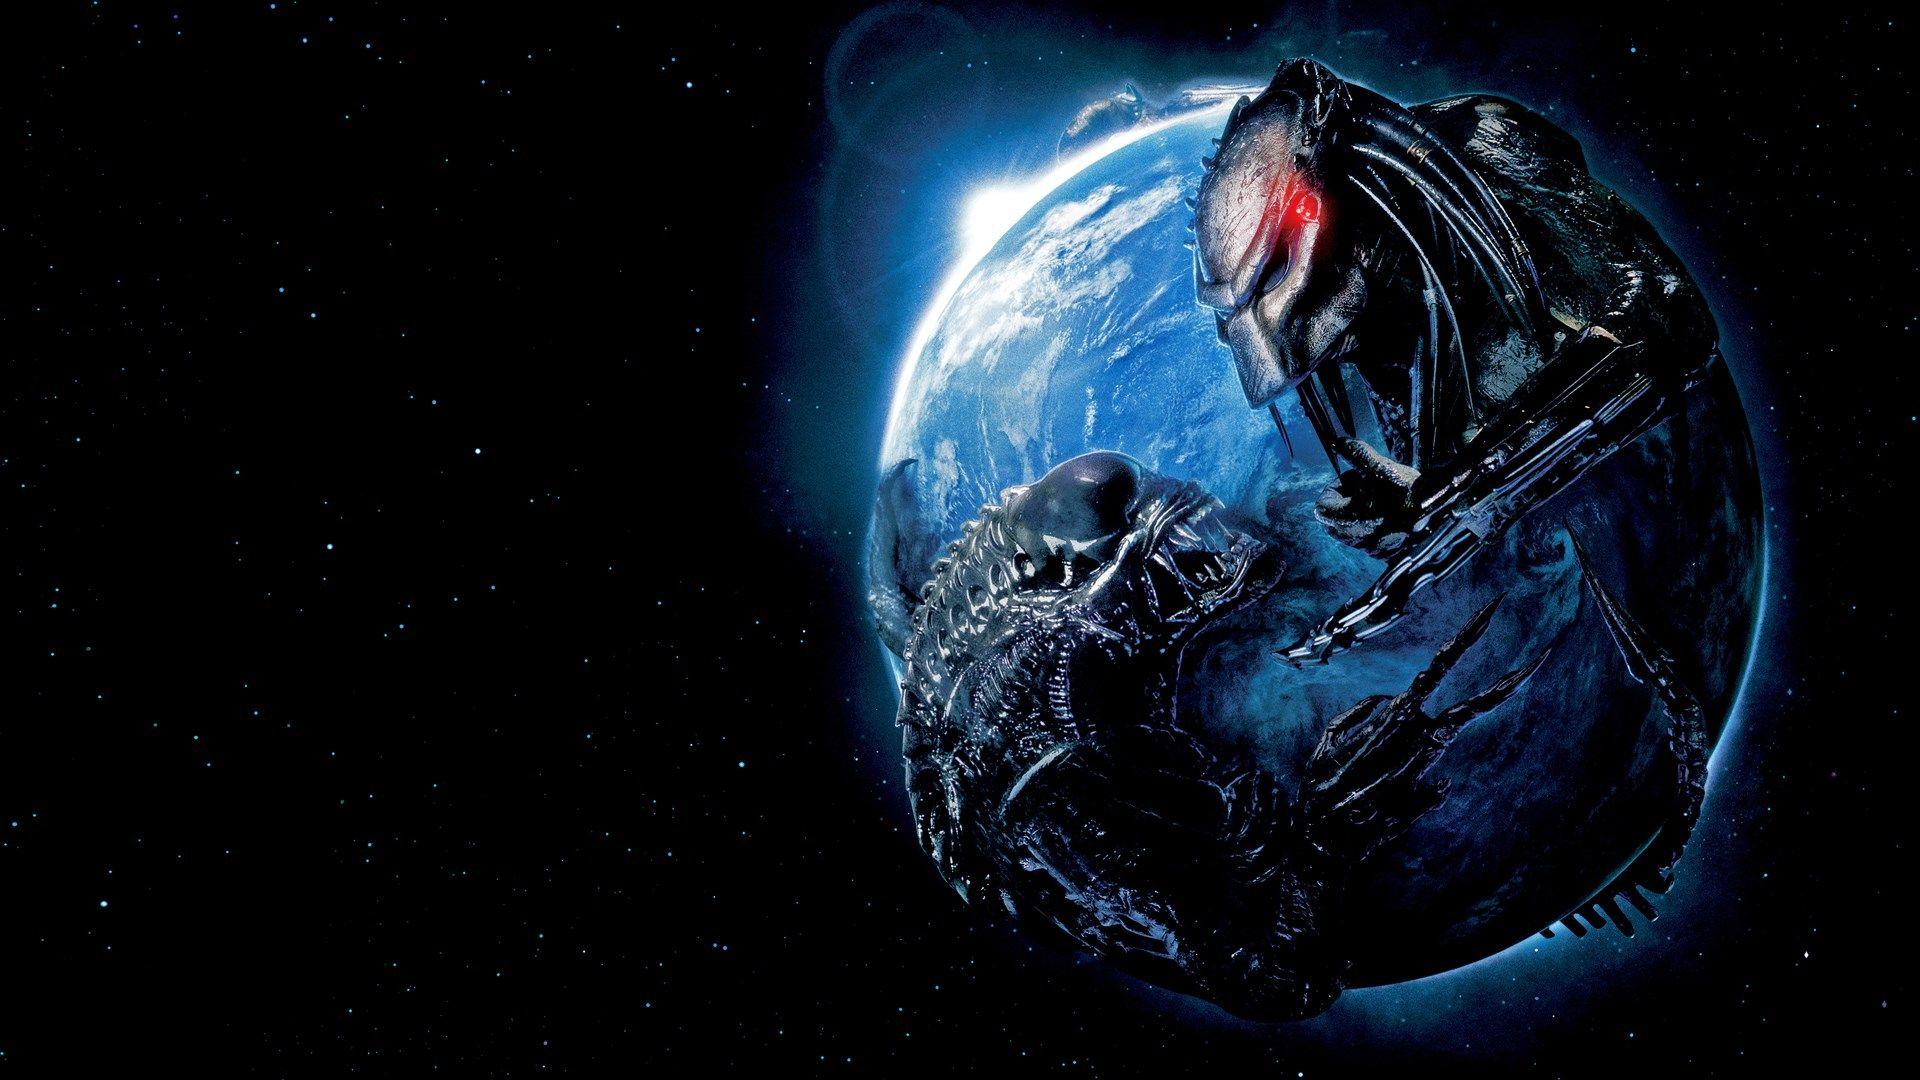 alien wallpaper full hd o oshenka pinterest aliens